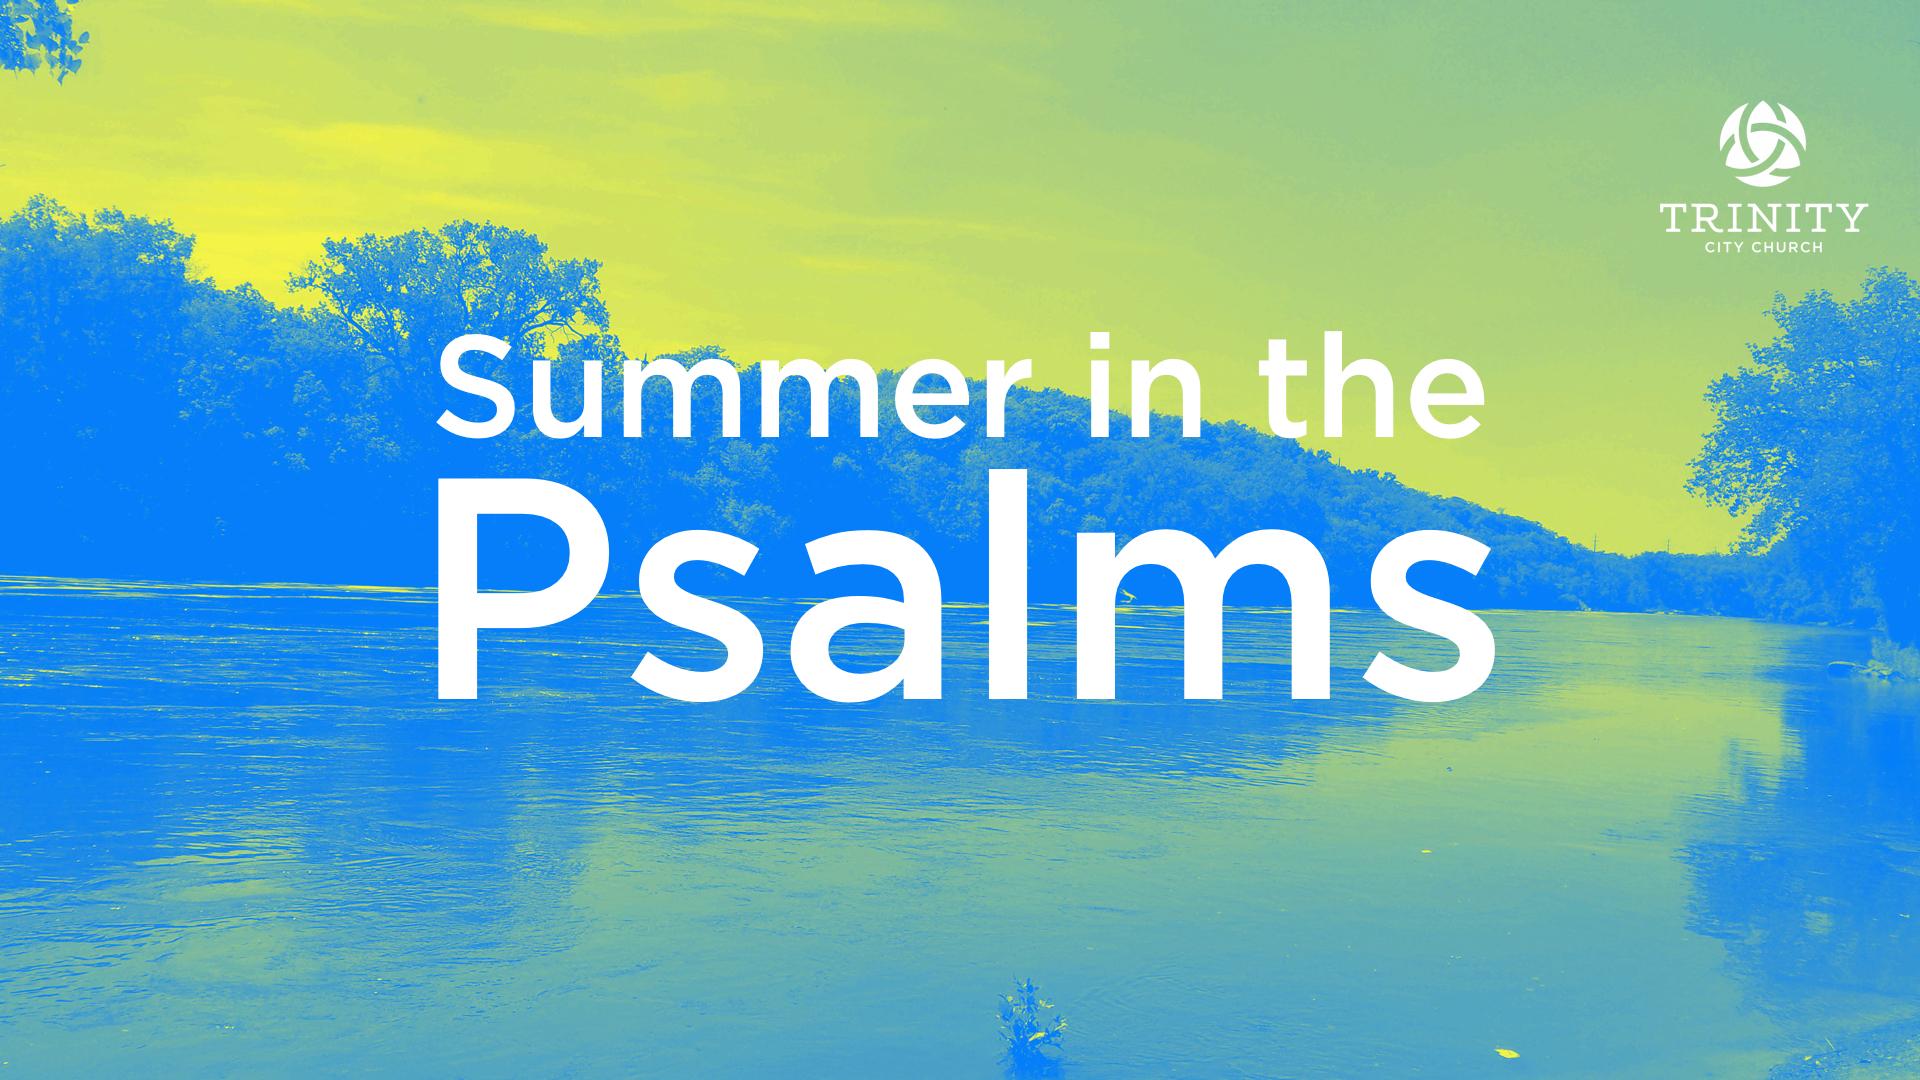 SummerPsalmsLogo.001.jpeg